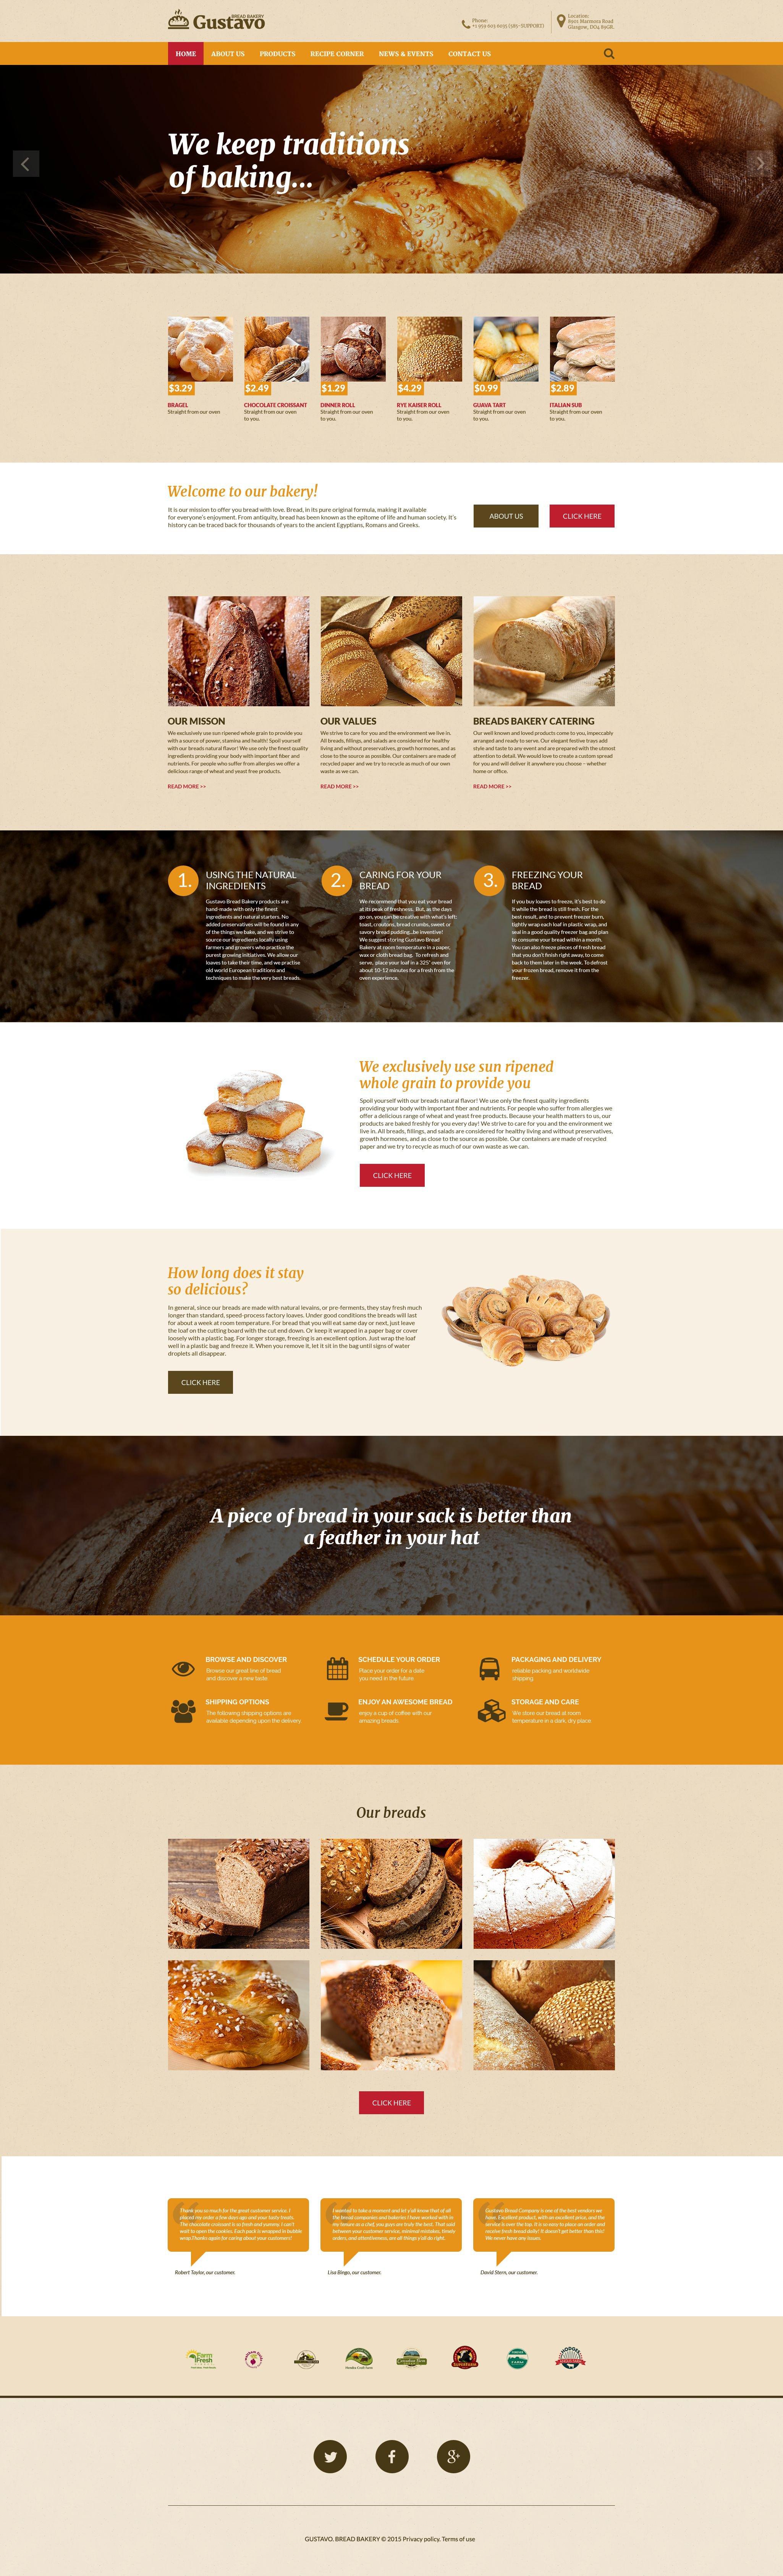 Responsywny szablon strony www Gustavo #55679 - zrzut ekranu